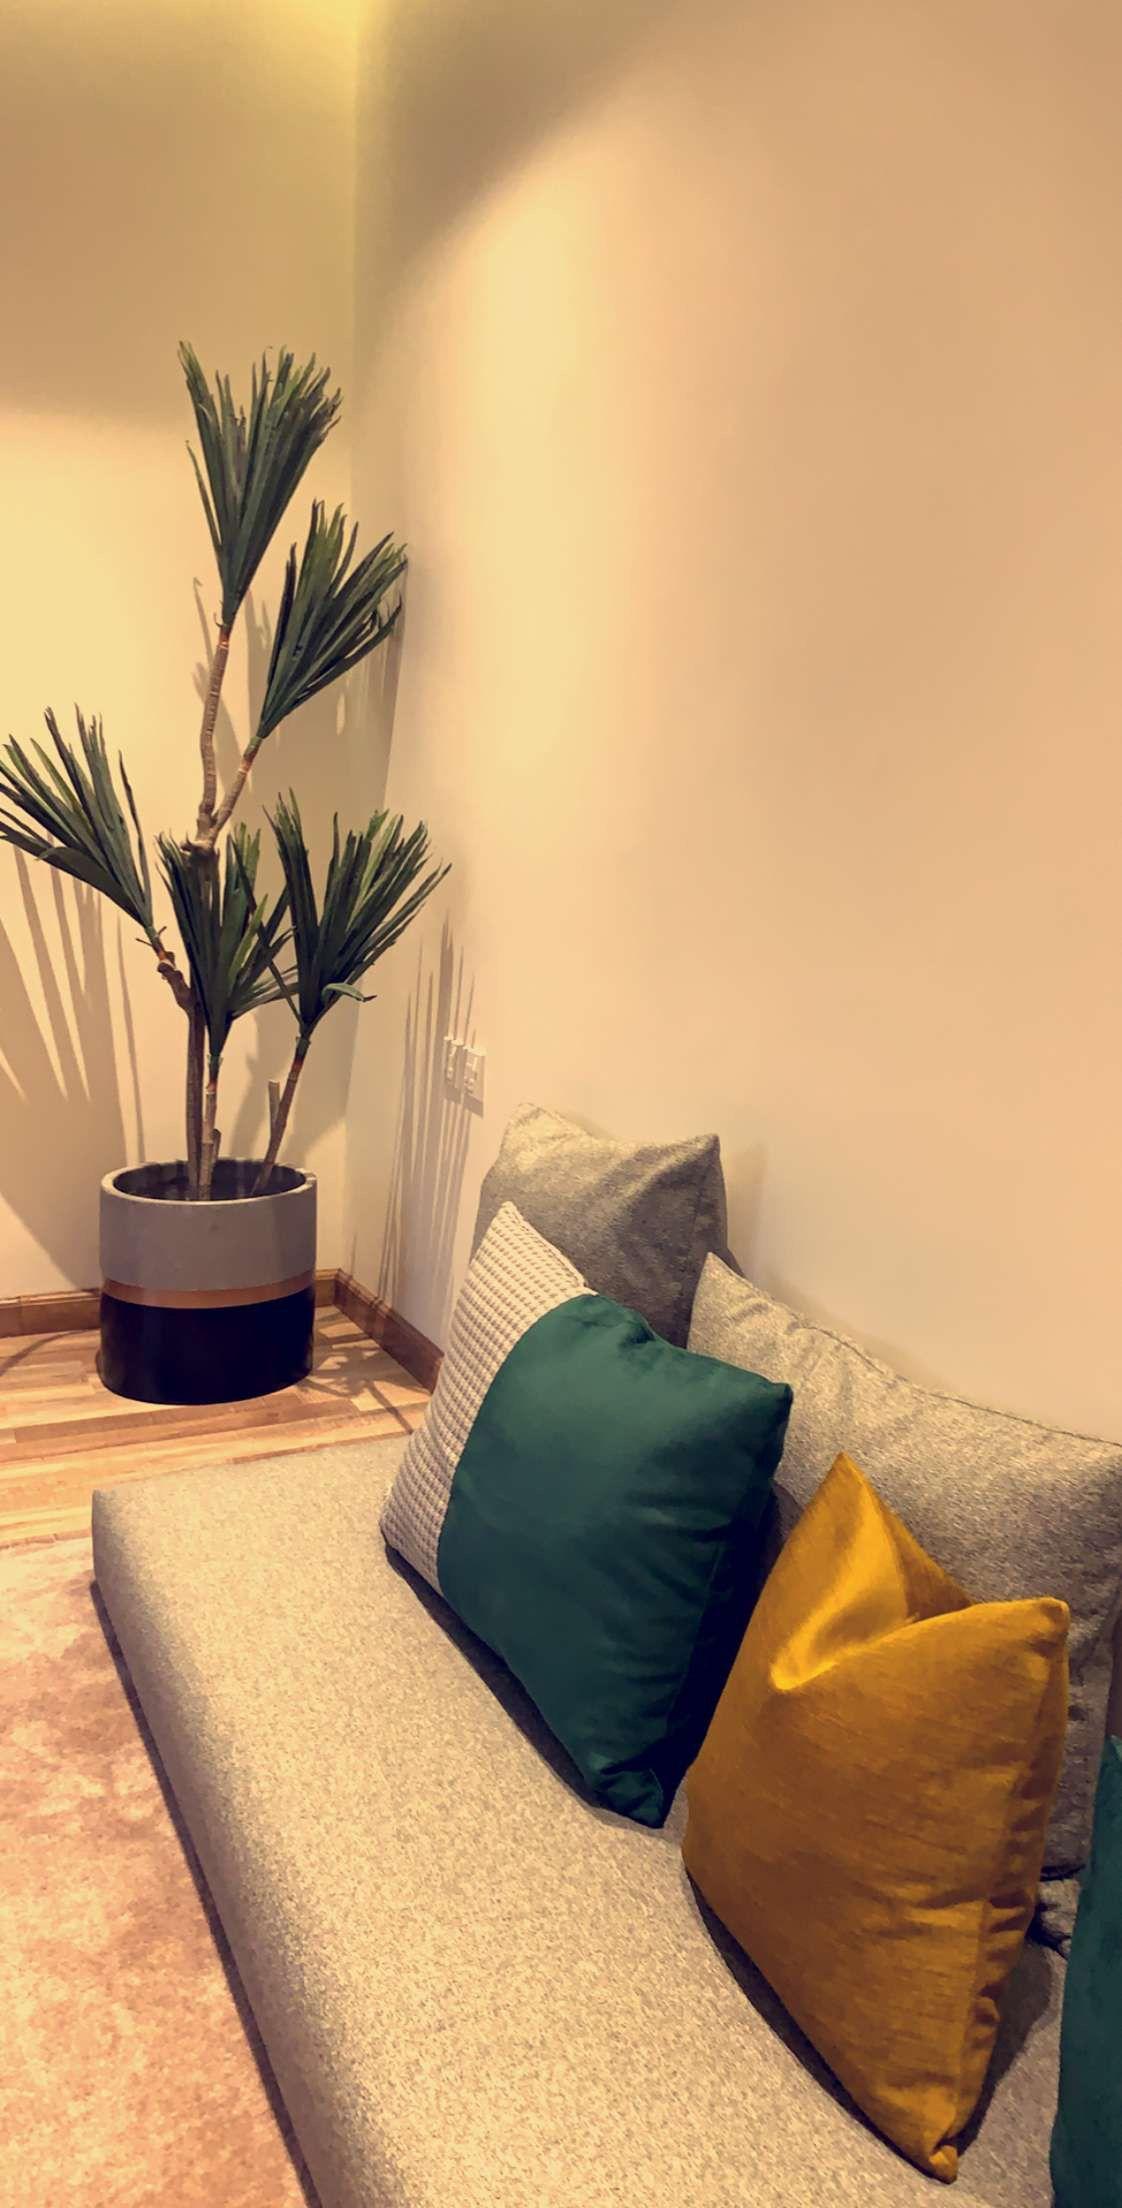 Pin By O U O Uo O On تصميم جلسه ارضيه Fatoom Interior Decor Home Living Room Table Decor Living Room Home Goods Decor